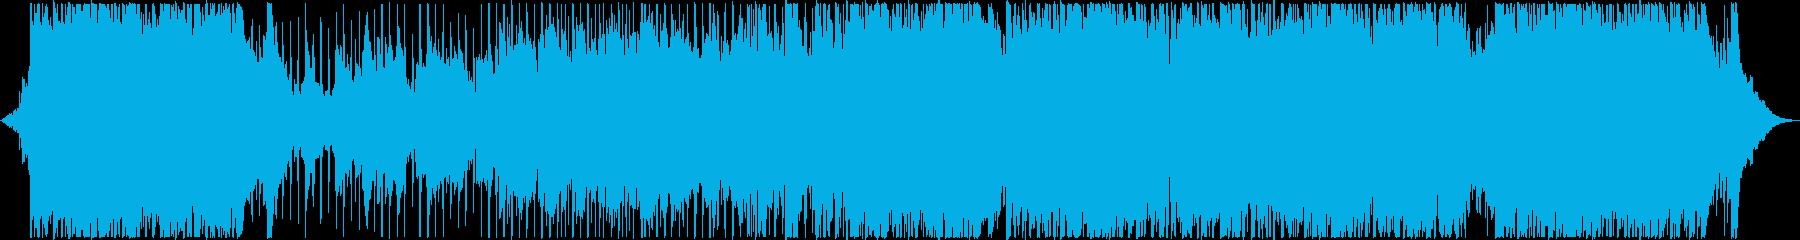 ストリングスが爽やかJポップ風インスト曲の再生済みの波形